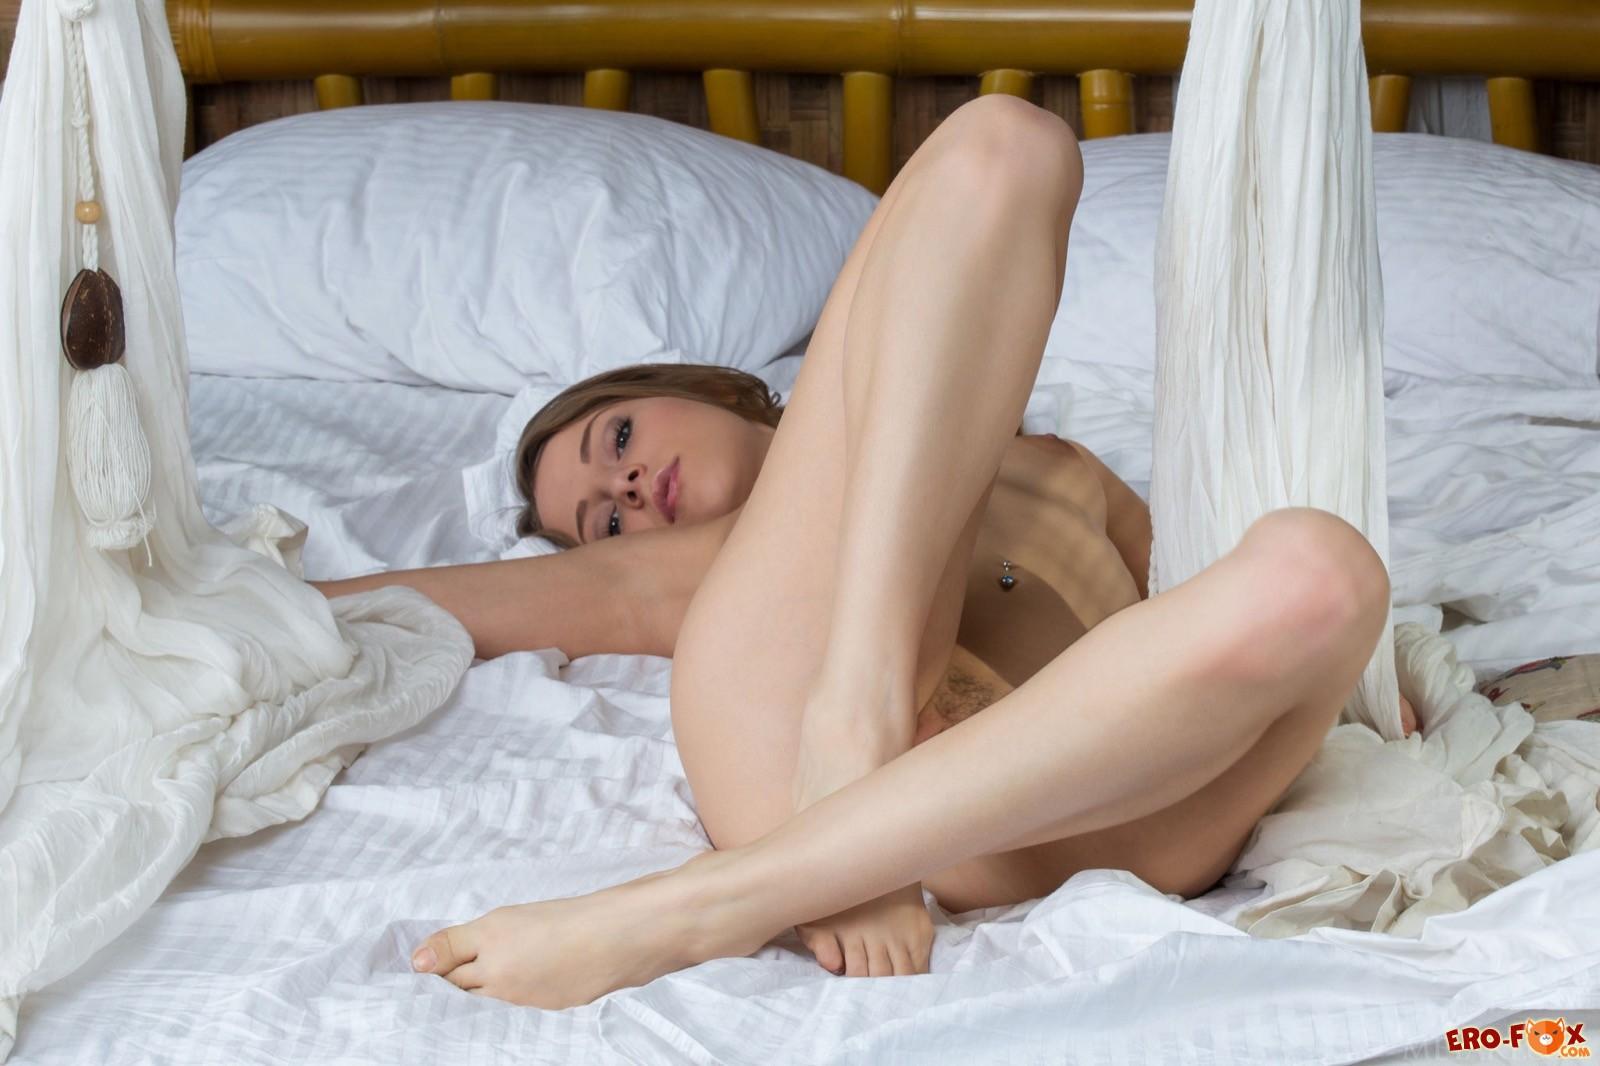 Молодая голая девушка с маленькой грудью в постели